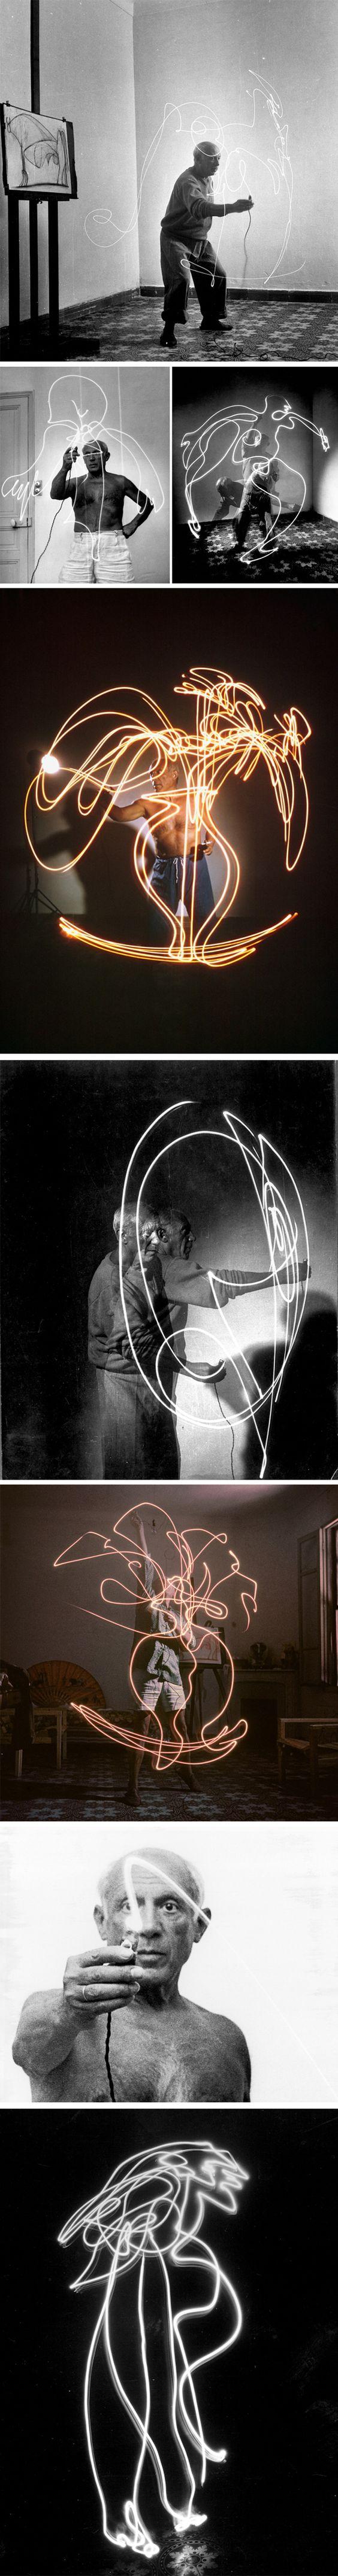 """Lumiere et mouvement  """"Dessin de lumiere"""" de Pablo Picasso par Gjon Mili. 1949"""